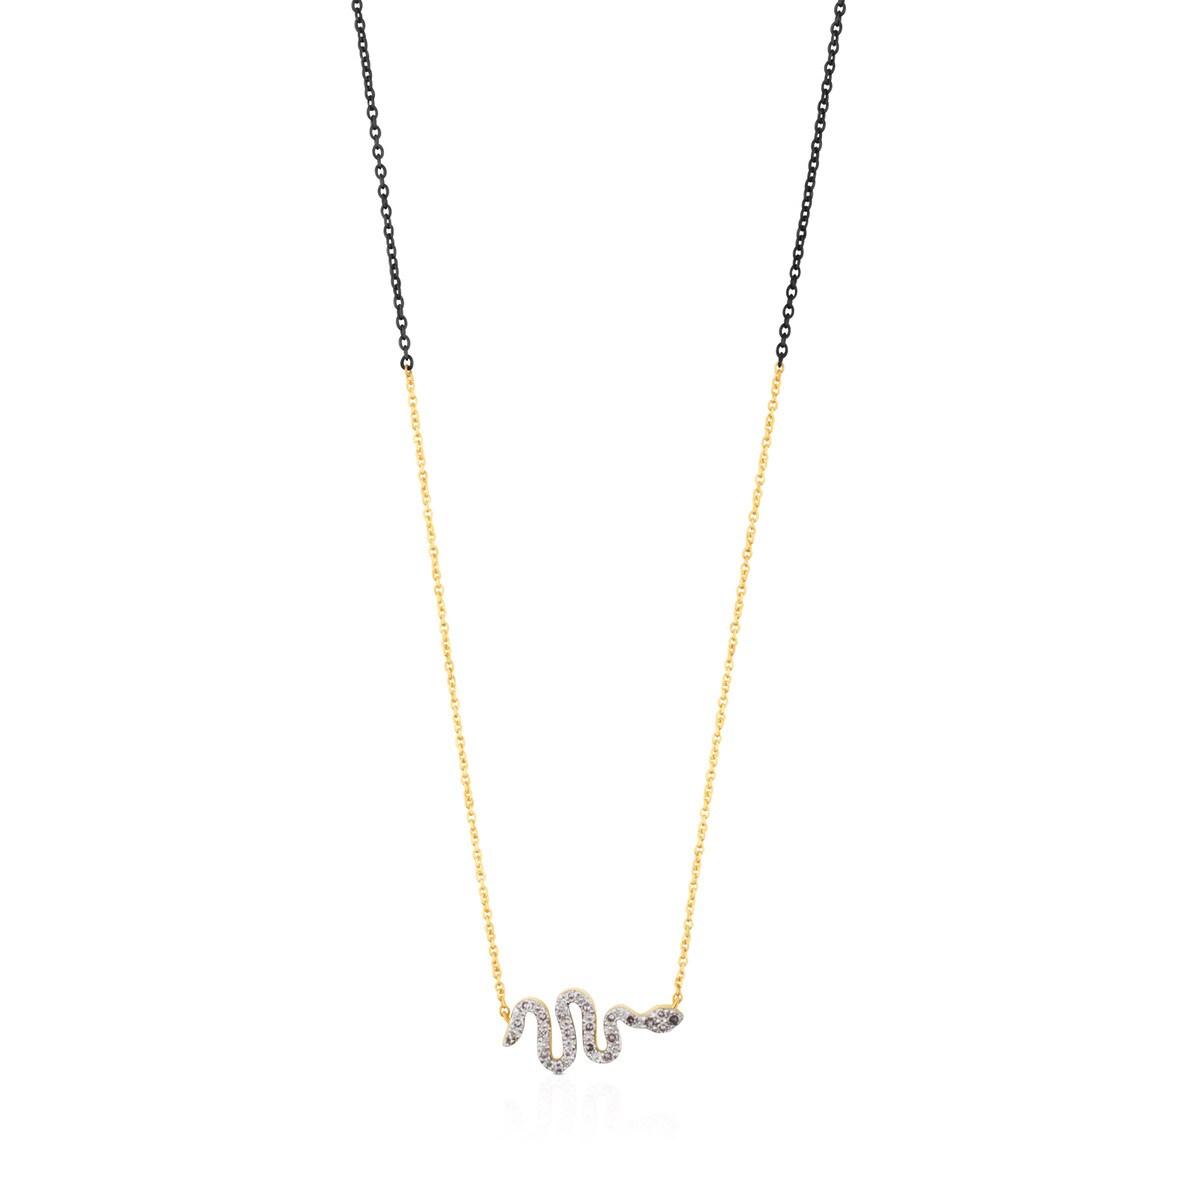 3bf4c89d5de6 Collar Gem Power de Oro y Plata con Diamantes - Sitio web Tous España